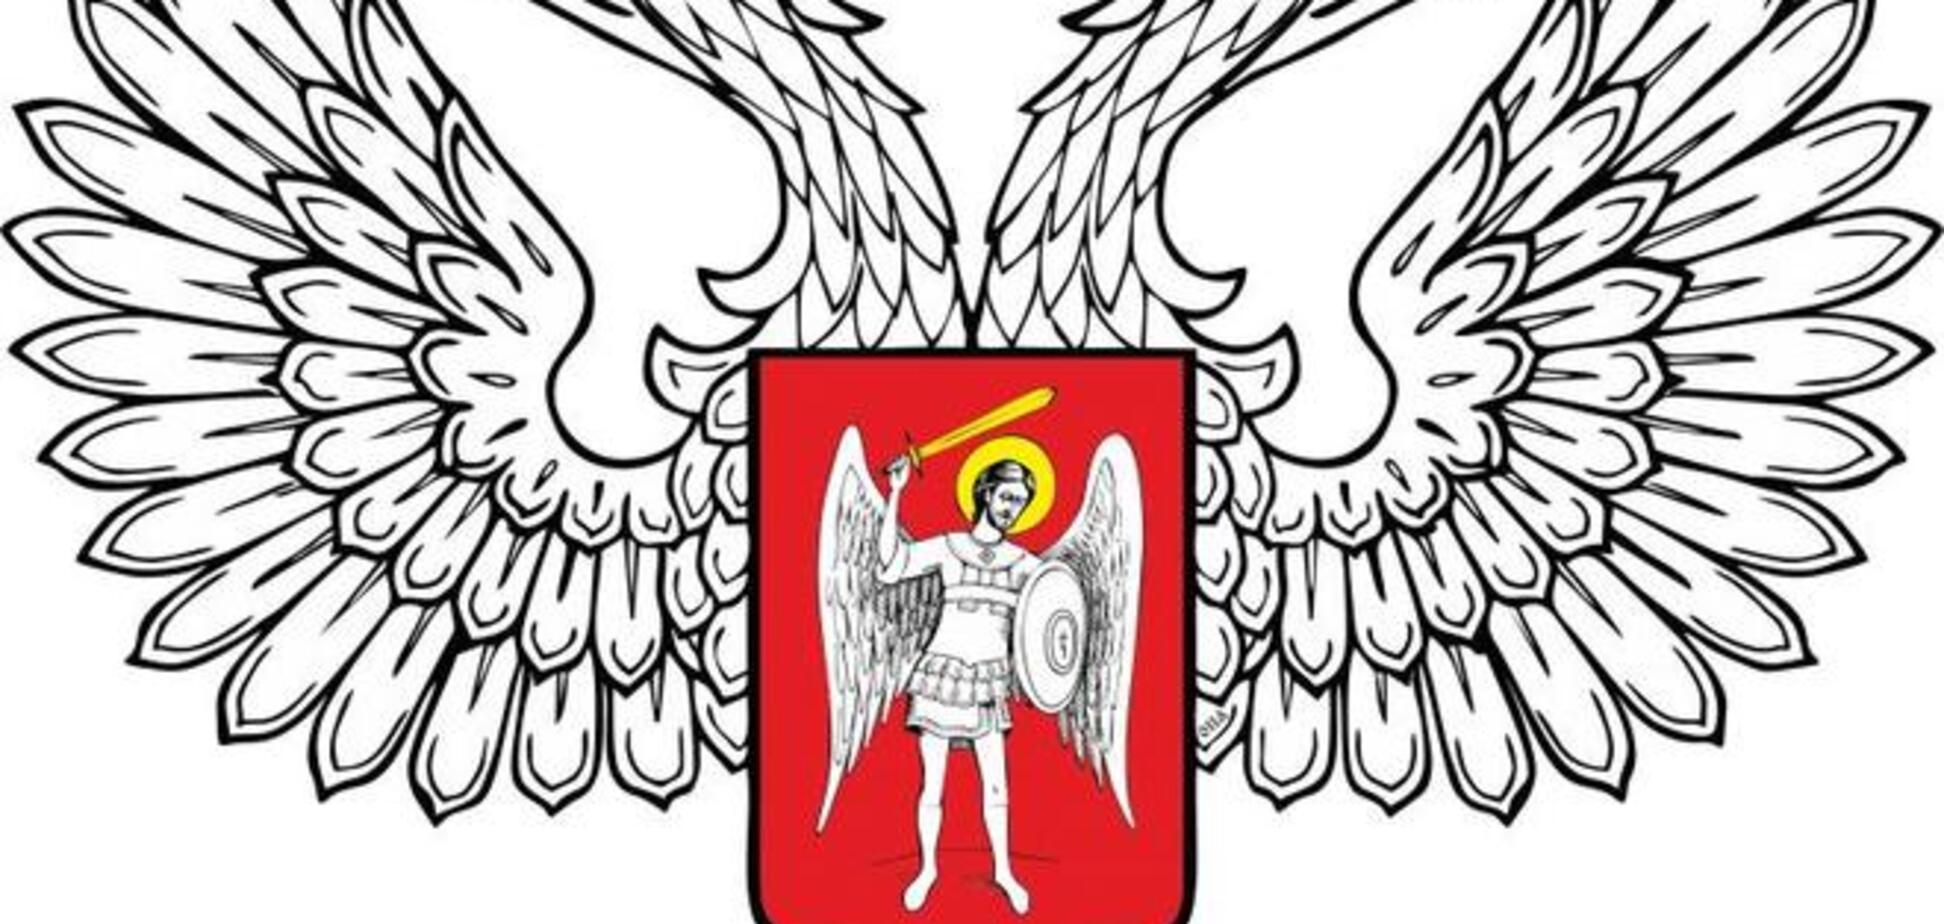 Архиепископ Евстратий о новом гербе 'ДНР': безногий орел и бородатый архангел